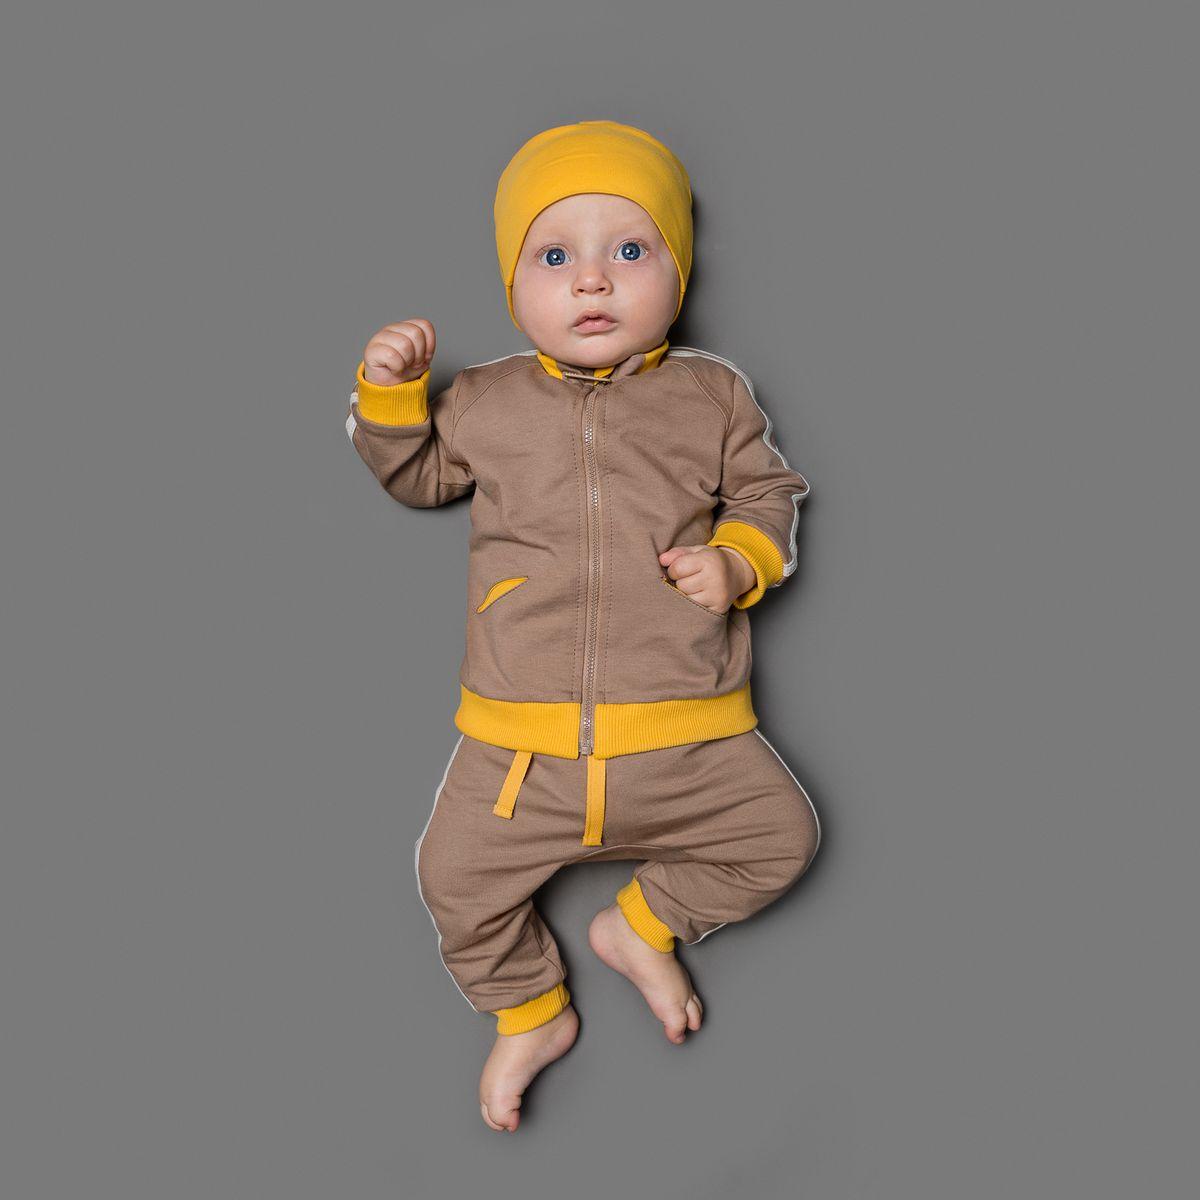 Комплект для мальчика Ёмаё: кофточка, штанишки, цвет: коричневый, оранжевый. 29-507. Размер 6829-507Очаровательный комплект для мальчика Ёмаё, состоящий из кофточки и штанишек спортивного стиля, идеально подойдет вашему малышу. Изготовленный из футера, он необычайно мягкий и приятный на ощупь, не сковывает движения ребенка и позволяет коже дышать, не раздражает даже самую нежную и чувствительную кожу малыша, обеспечивая наибольший комфорт. Кофточка с длинными рукавами и небольшим воротником-стойкой застегивается на пластиковую застежку-молнию с защитой подбородка, что позволяет с легкостью переодеть младенца. Рукава дополнены широкими трикотажными манжетами. Спереди предусмотрены два прорезных кармашка. Штанишки имеют широкий эластичный пояс со шнурком, не сдавливающий животик ребенка. Сзади предусмотрен накладной кармашек. Низ штанин дополнен эластичными манжетами. Оформлен комплект контрастными бейками. В таком комплекте ваш малыш будет чувствовать себя уютно и комфортно, и всегда будет в центре внимания.